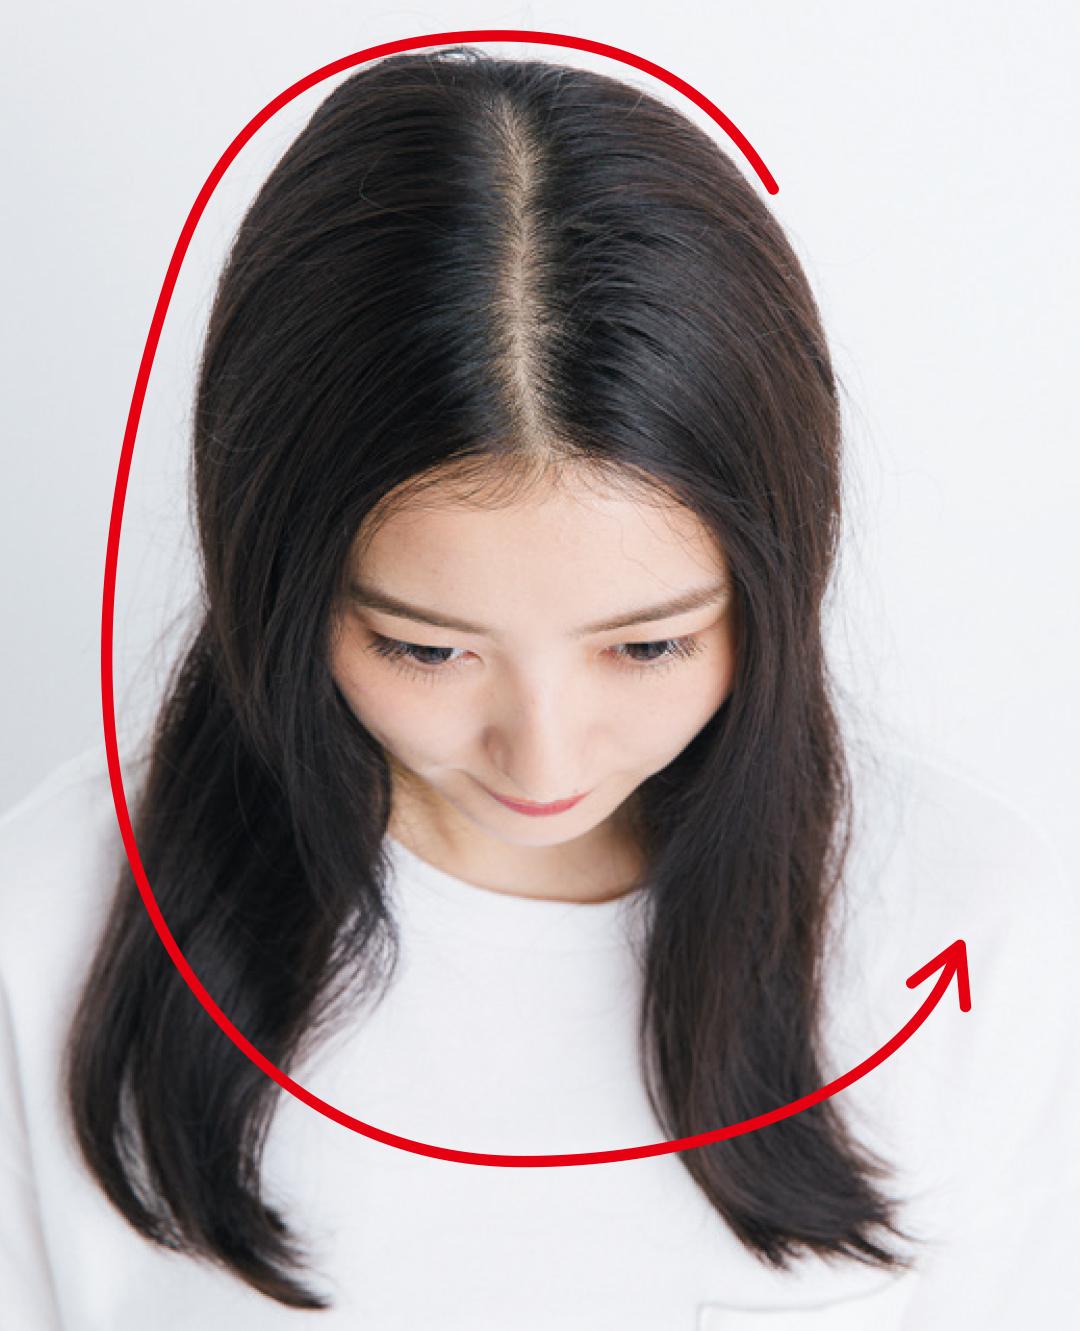 前髪がぱっくり割れてる、寝グセがヤバい…朝の髪形悩み、解決策5選!_1_6-2